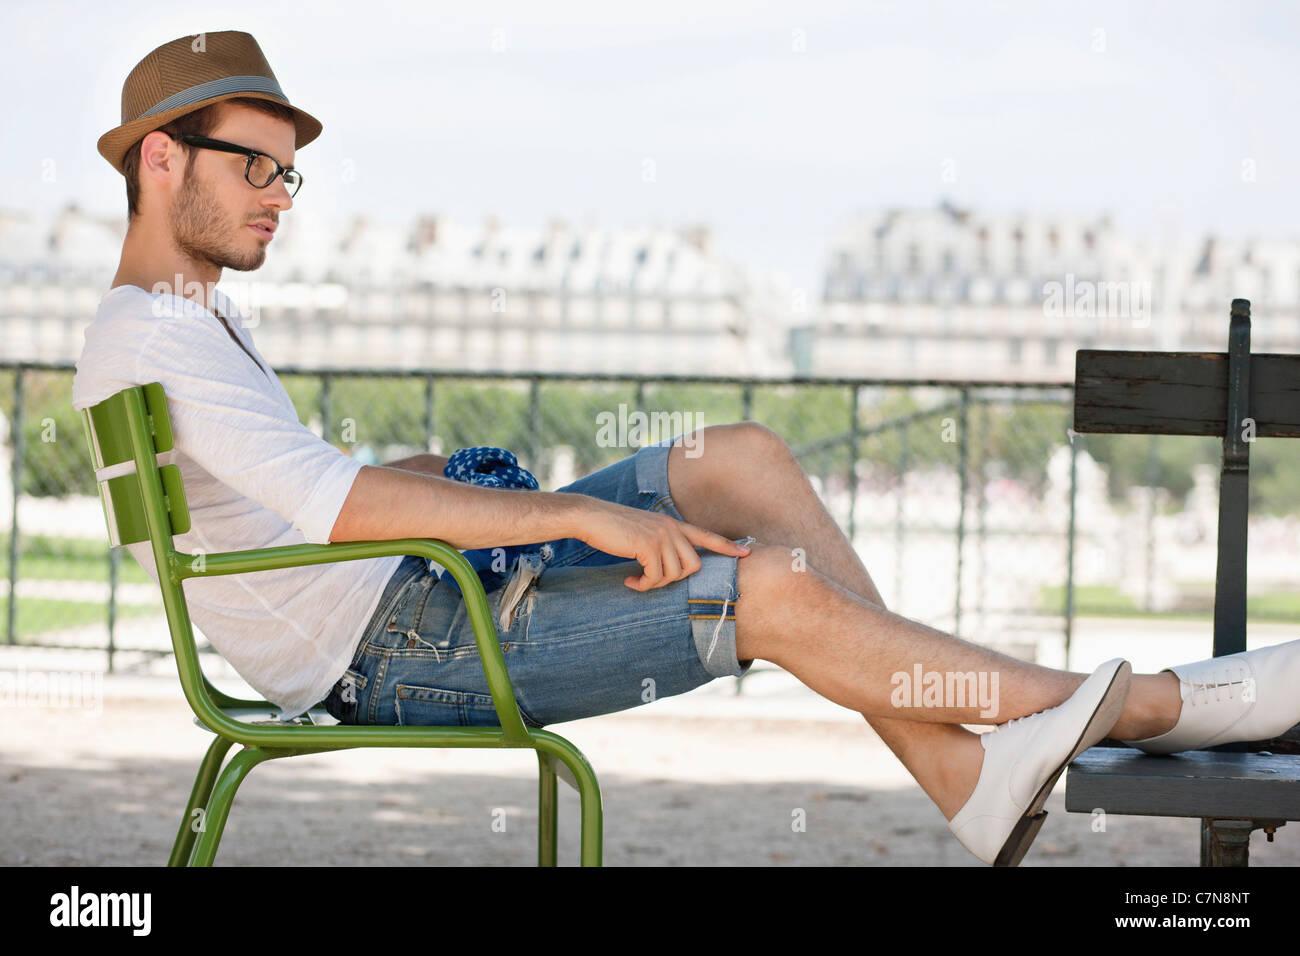 Man resting in a chair, Jardin des Tuileries, Paris, Ile-de-France, France - Stock Image